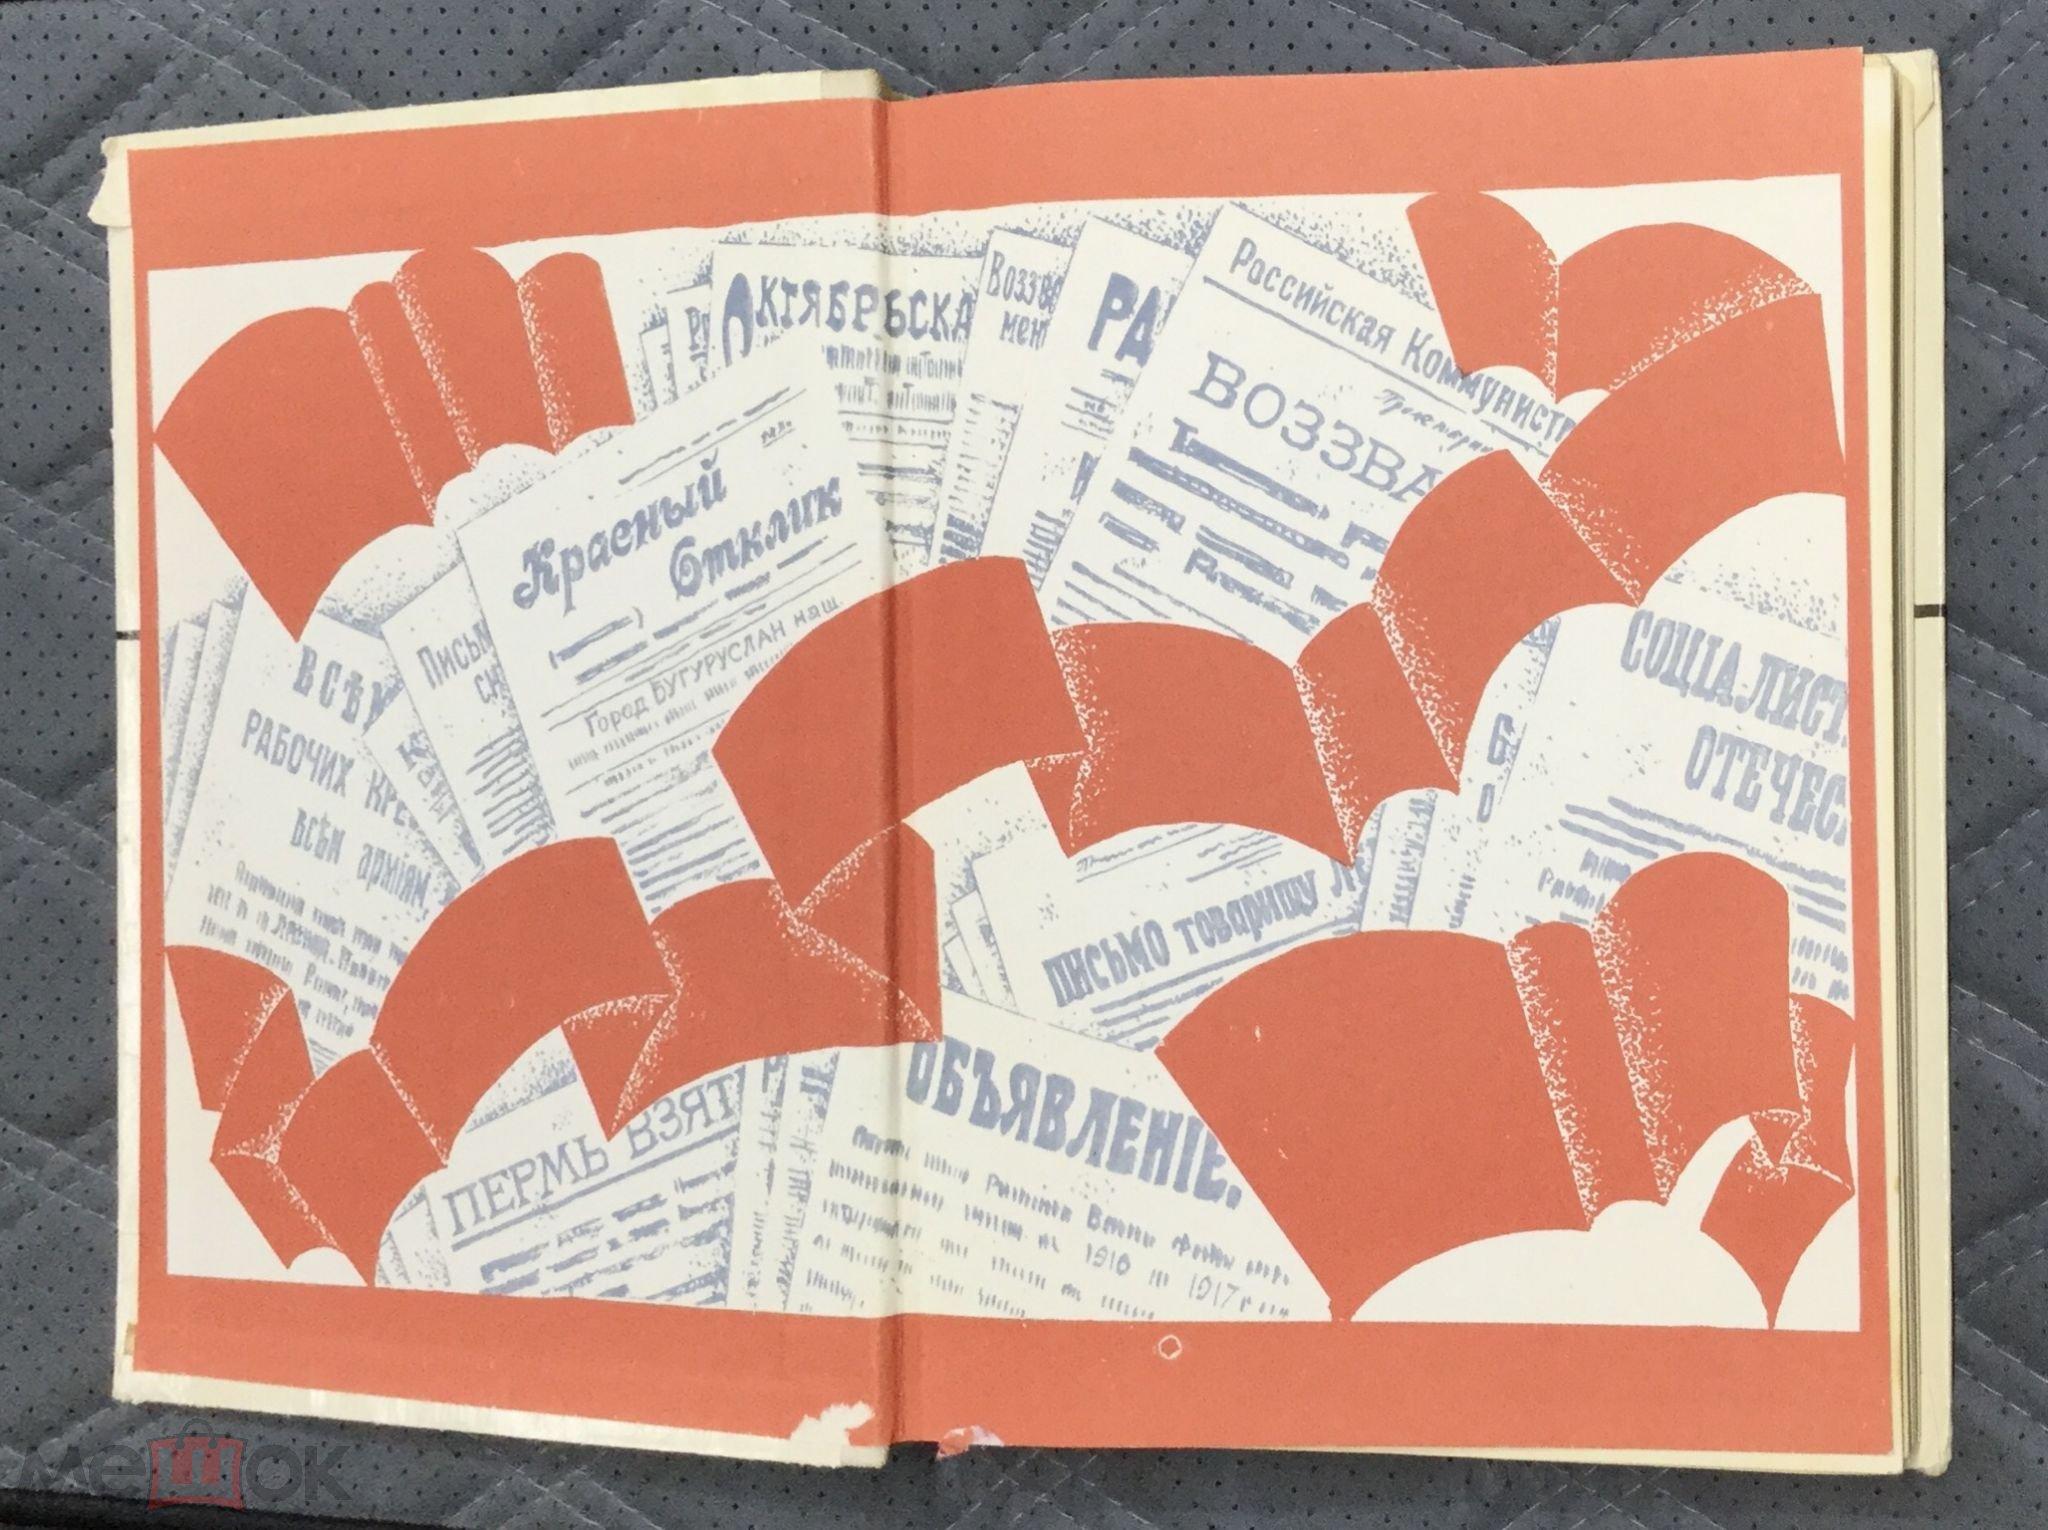 Книга Как сражалась революция. Рассказы участников Гражданской войны. 1975 г.